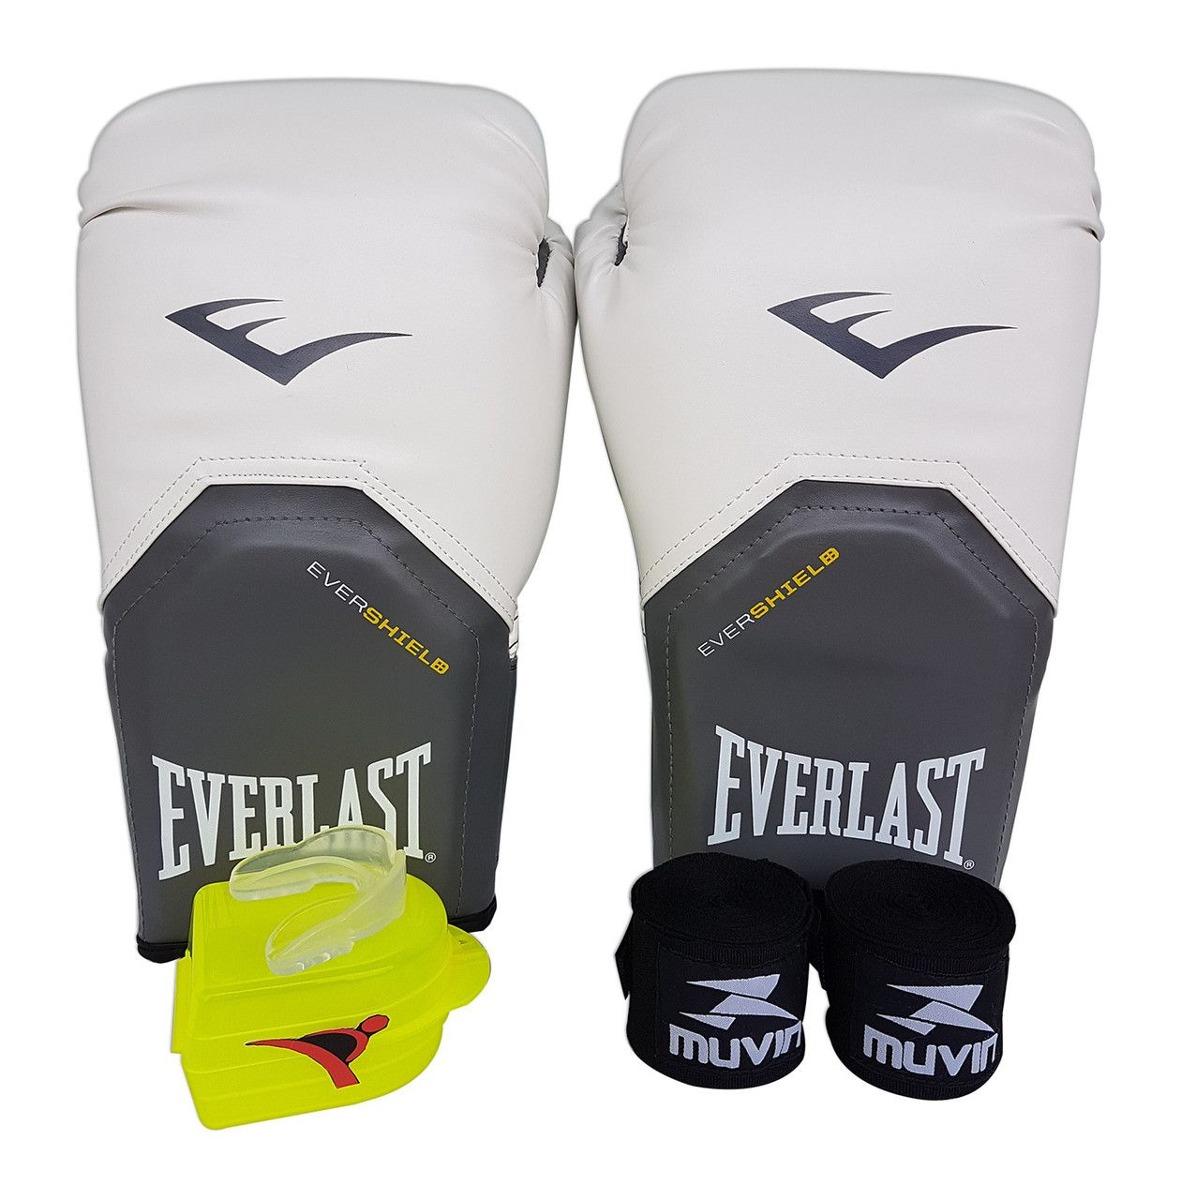 1ea90990d kit de boxe   muay thai 12oz - branco - pro style - everlast. Carregando  zoom.